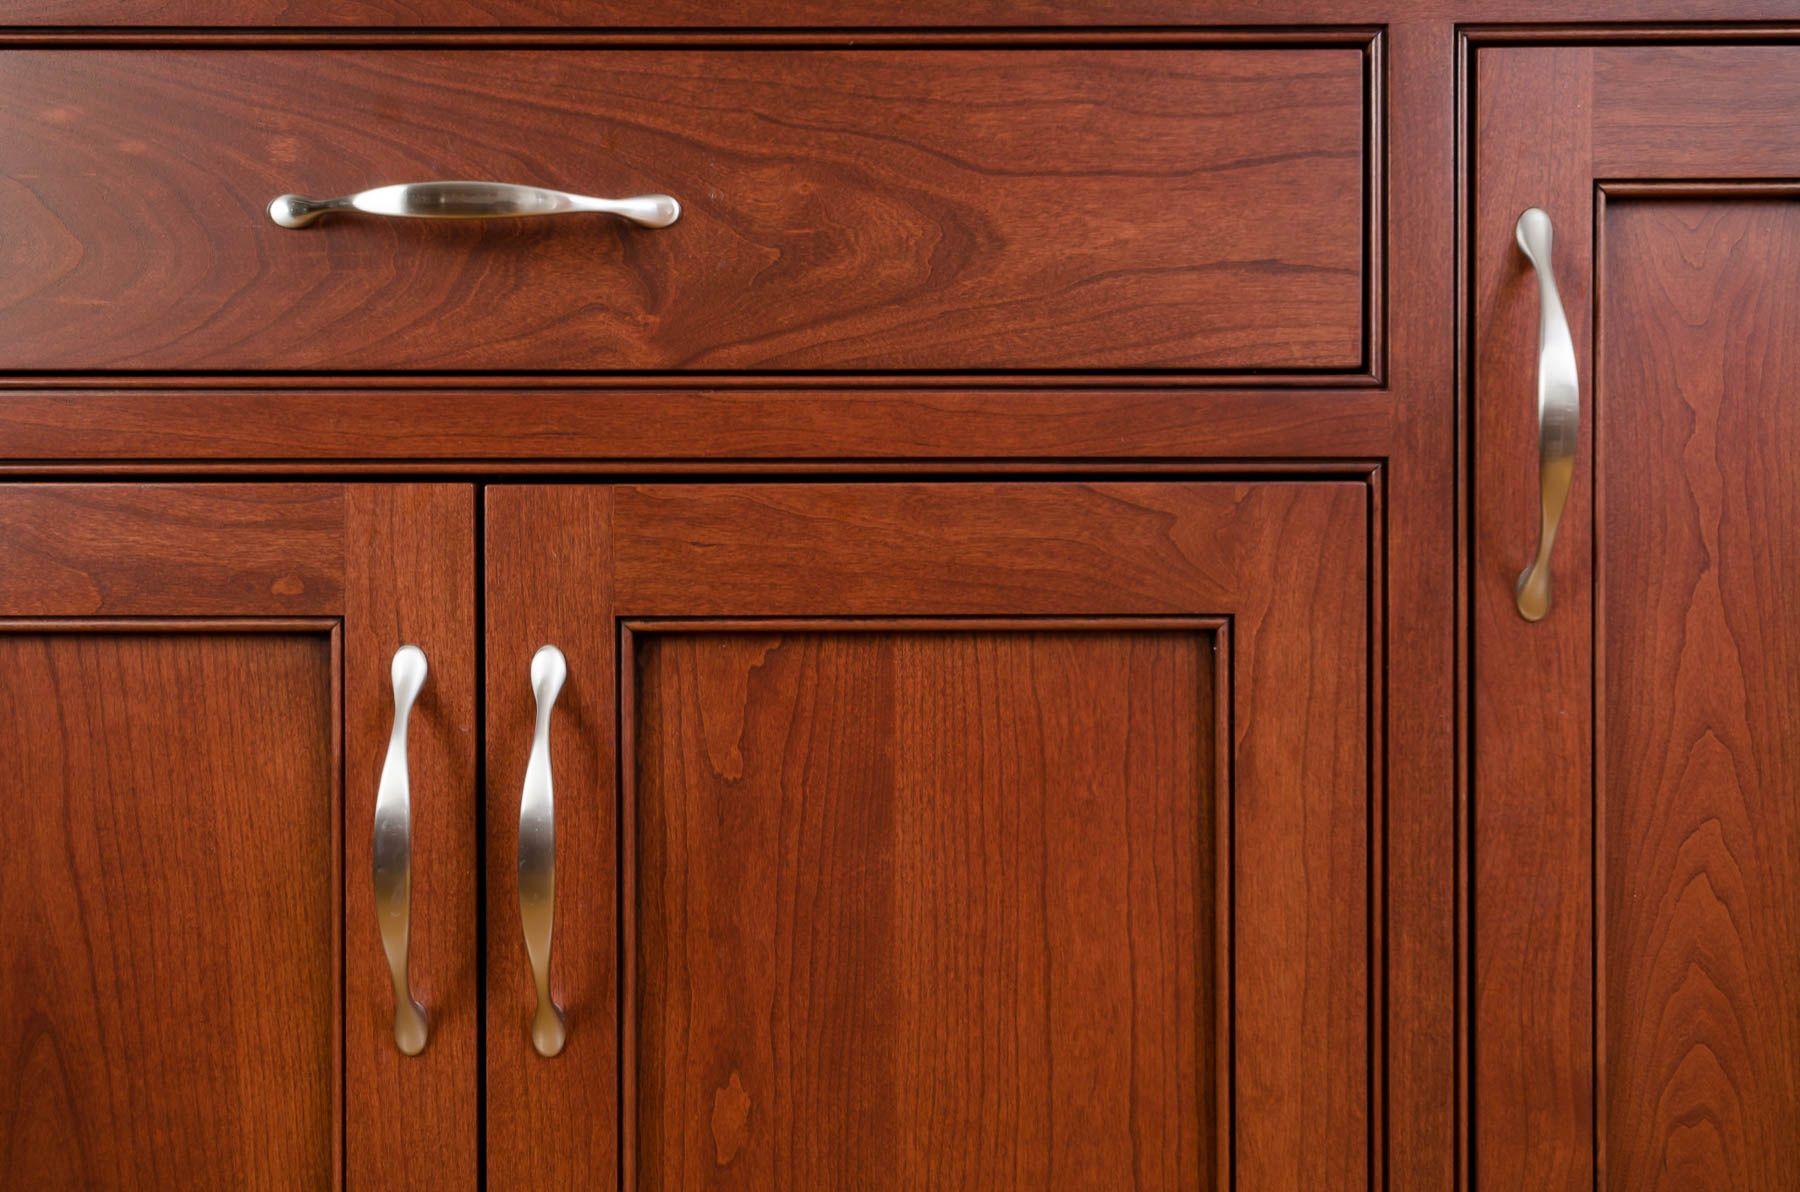 Beaded Inset Cabinetry Inset Cabinetry Inset Cabinets Cherry Cabinets Kitchen